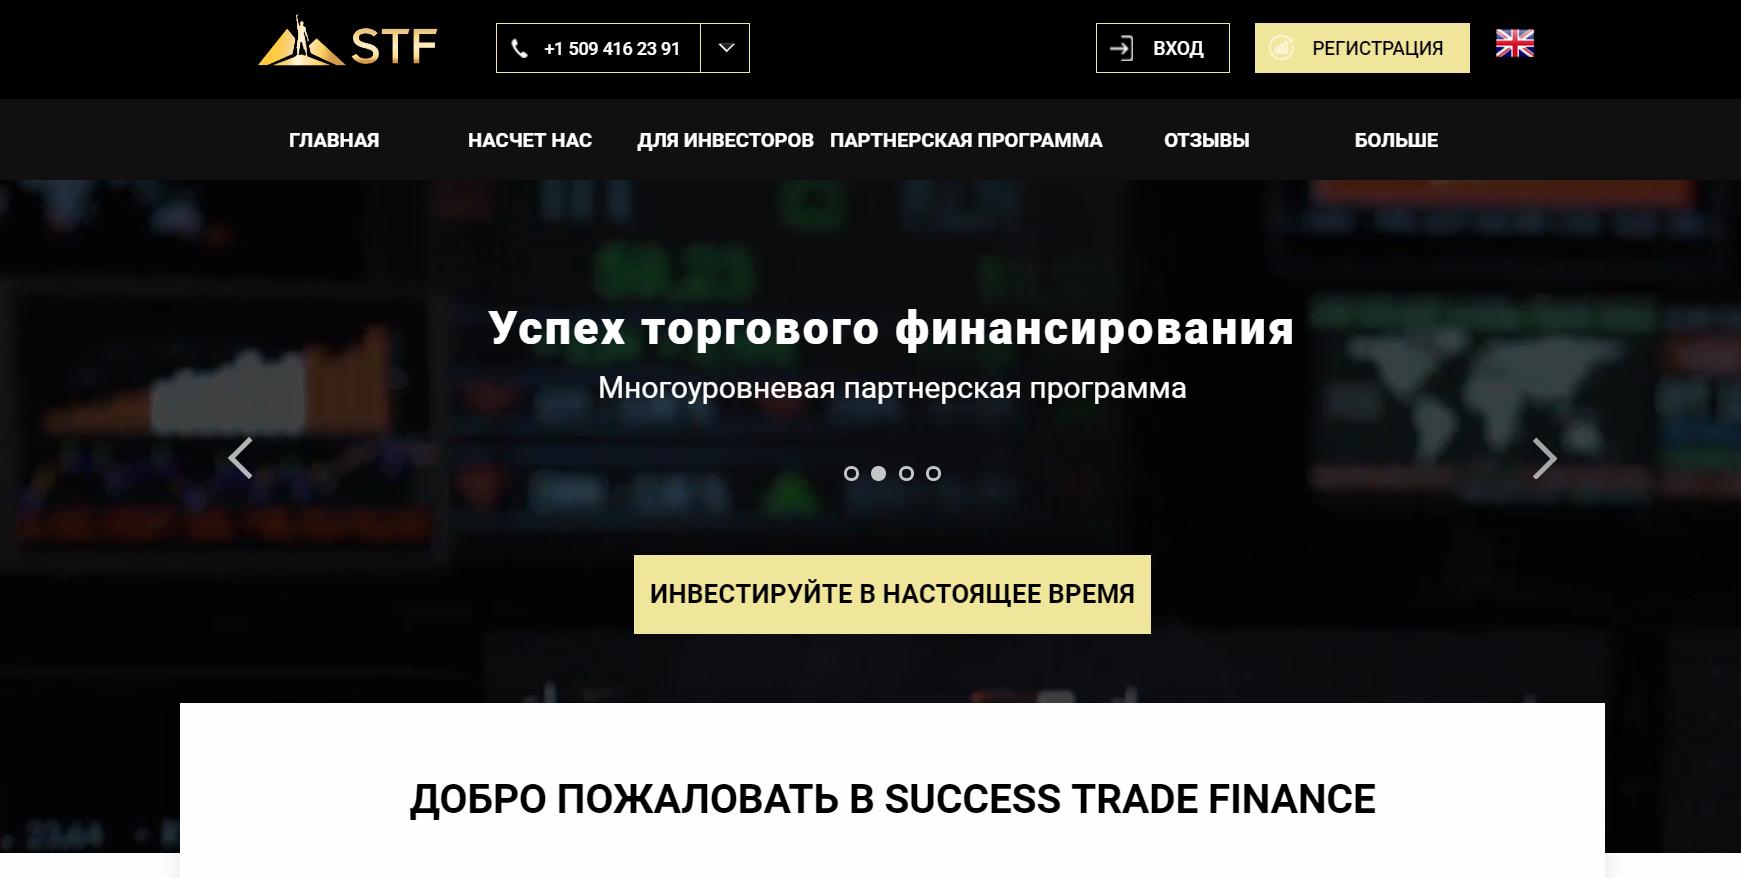 successtf.com: обзор и отзывы successtf.com. Наш вклад 500$. ( HYIP - платит )